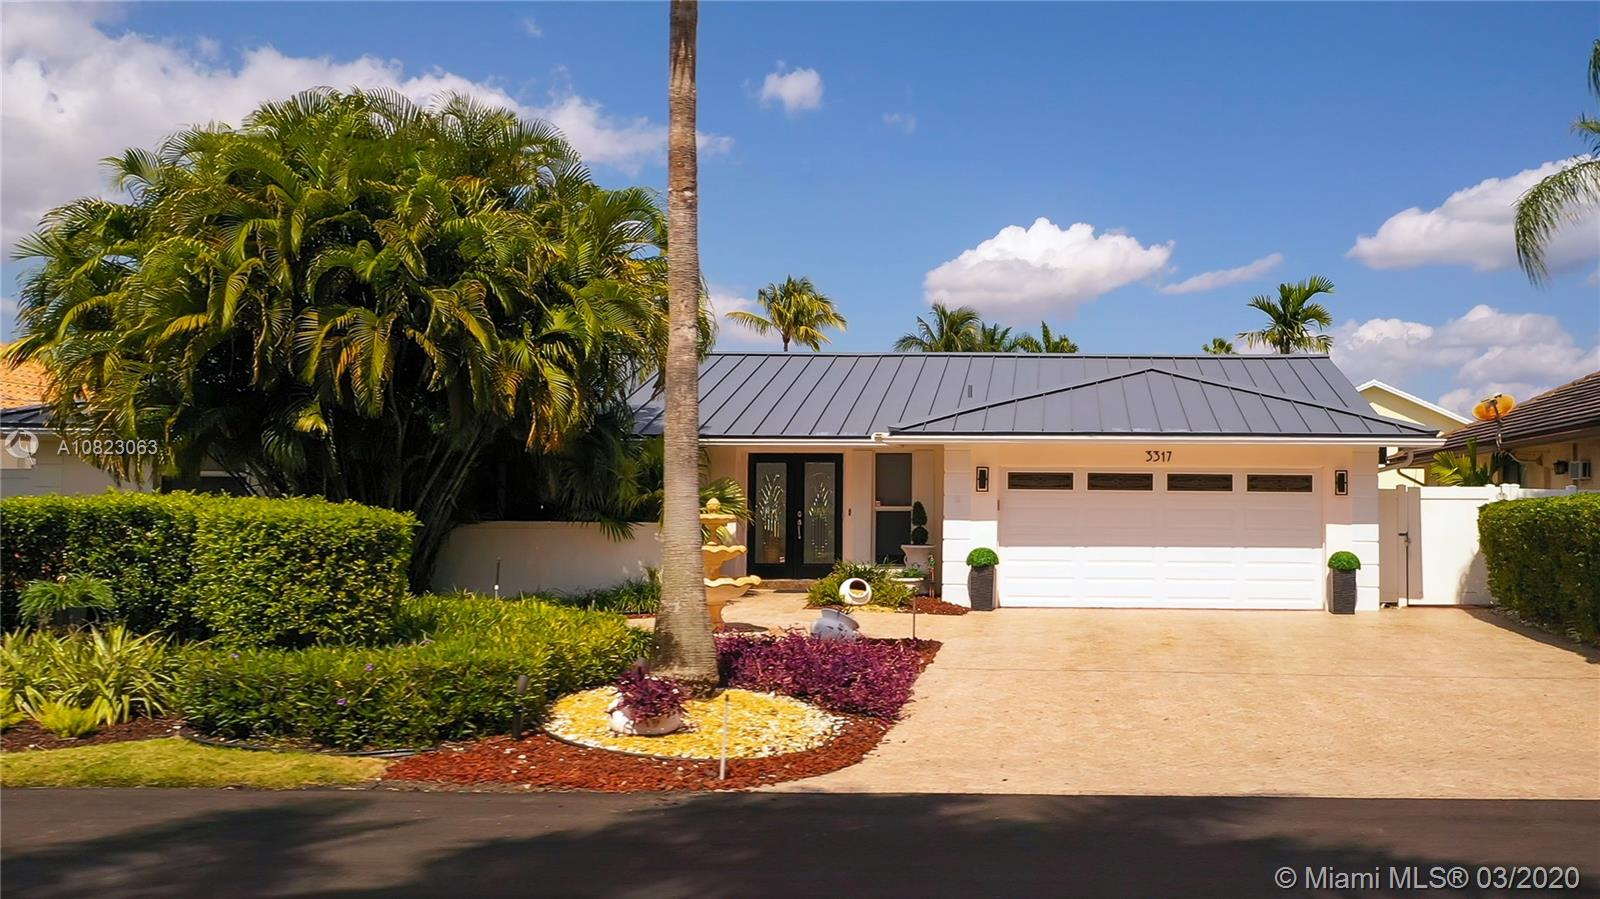 3317 NE 37th St, Fort Lauderdale, FL 33308 - Fort Lauderdale, FL real estate listing